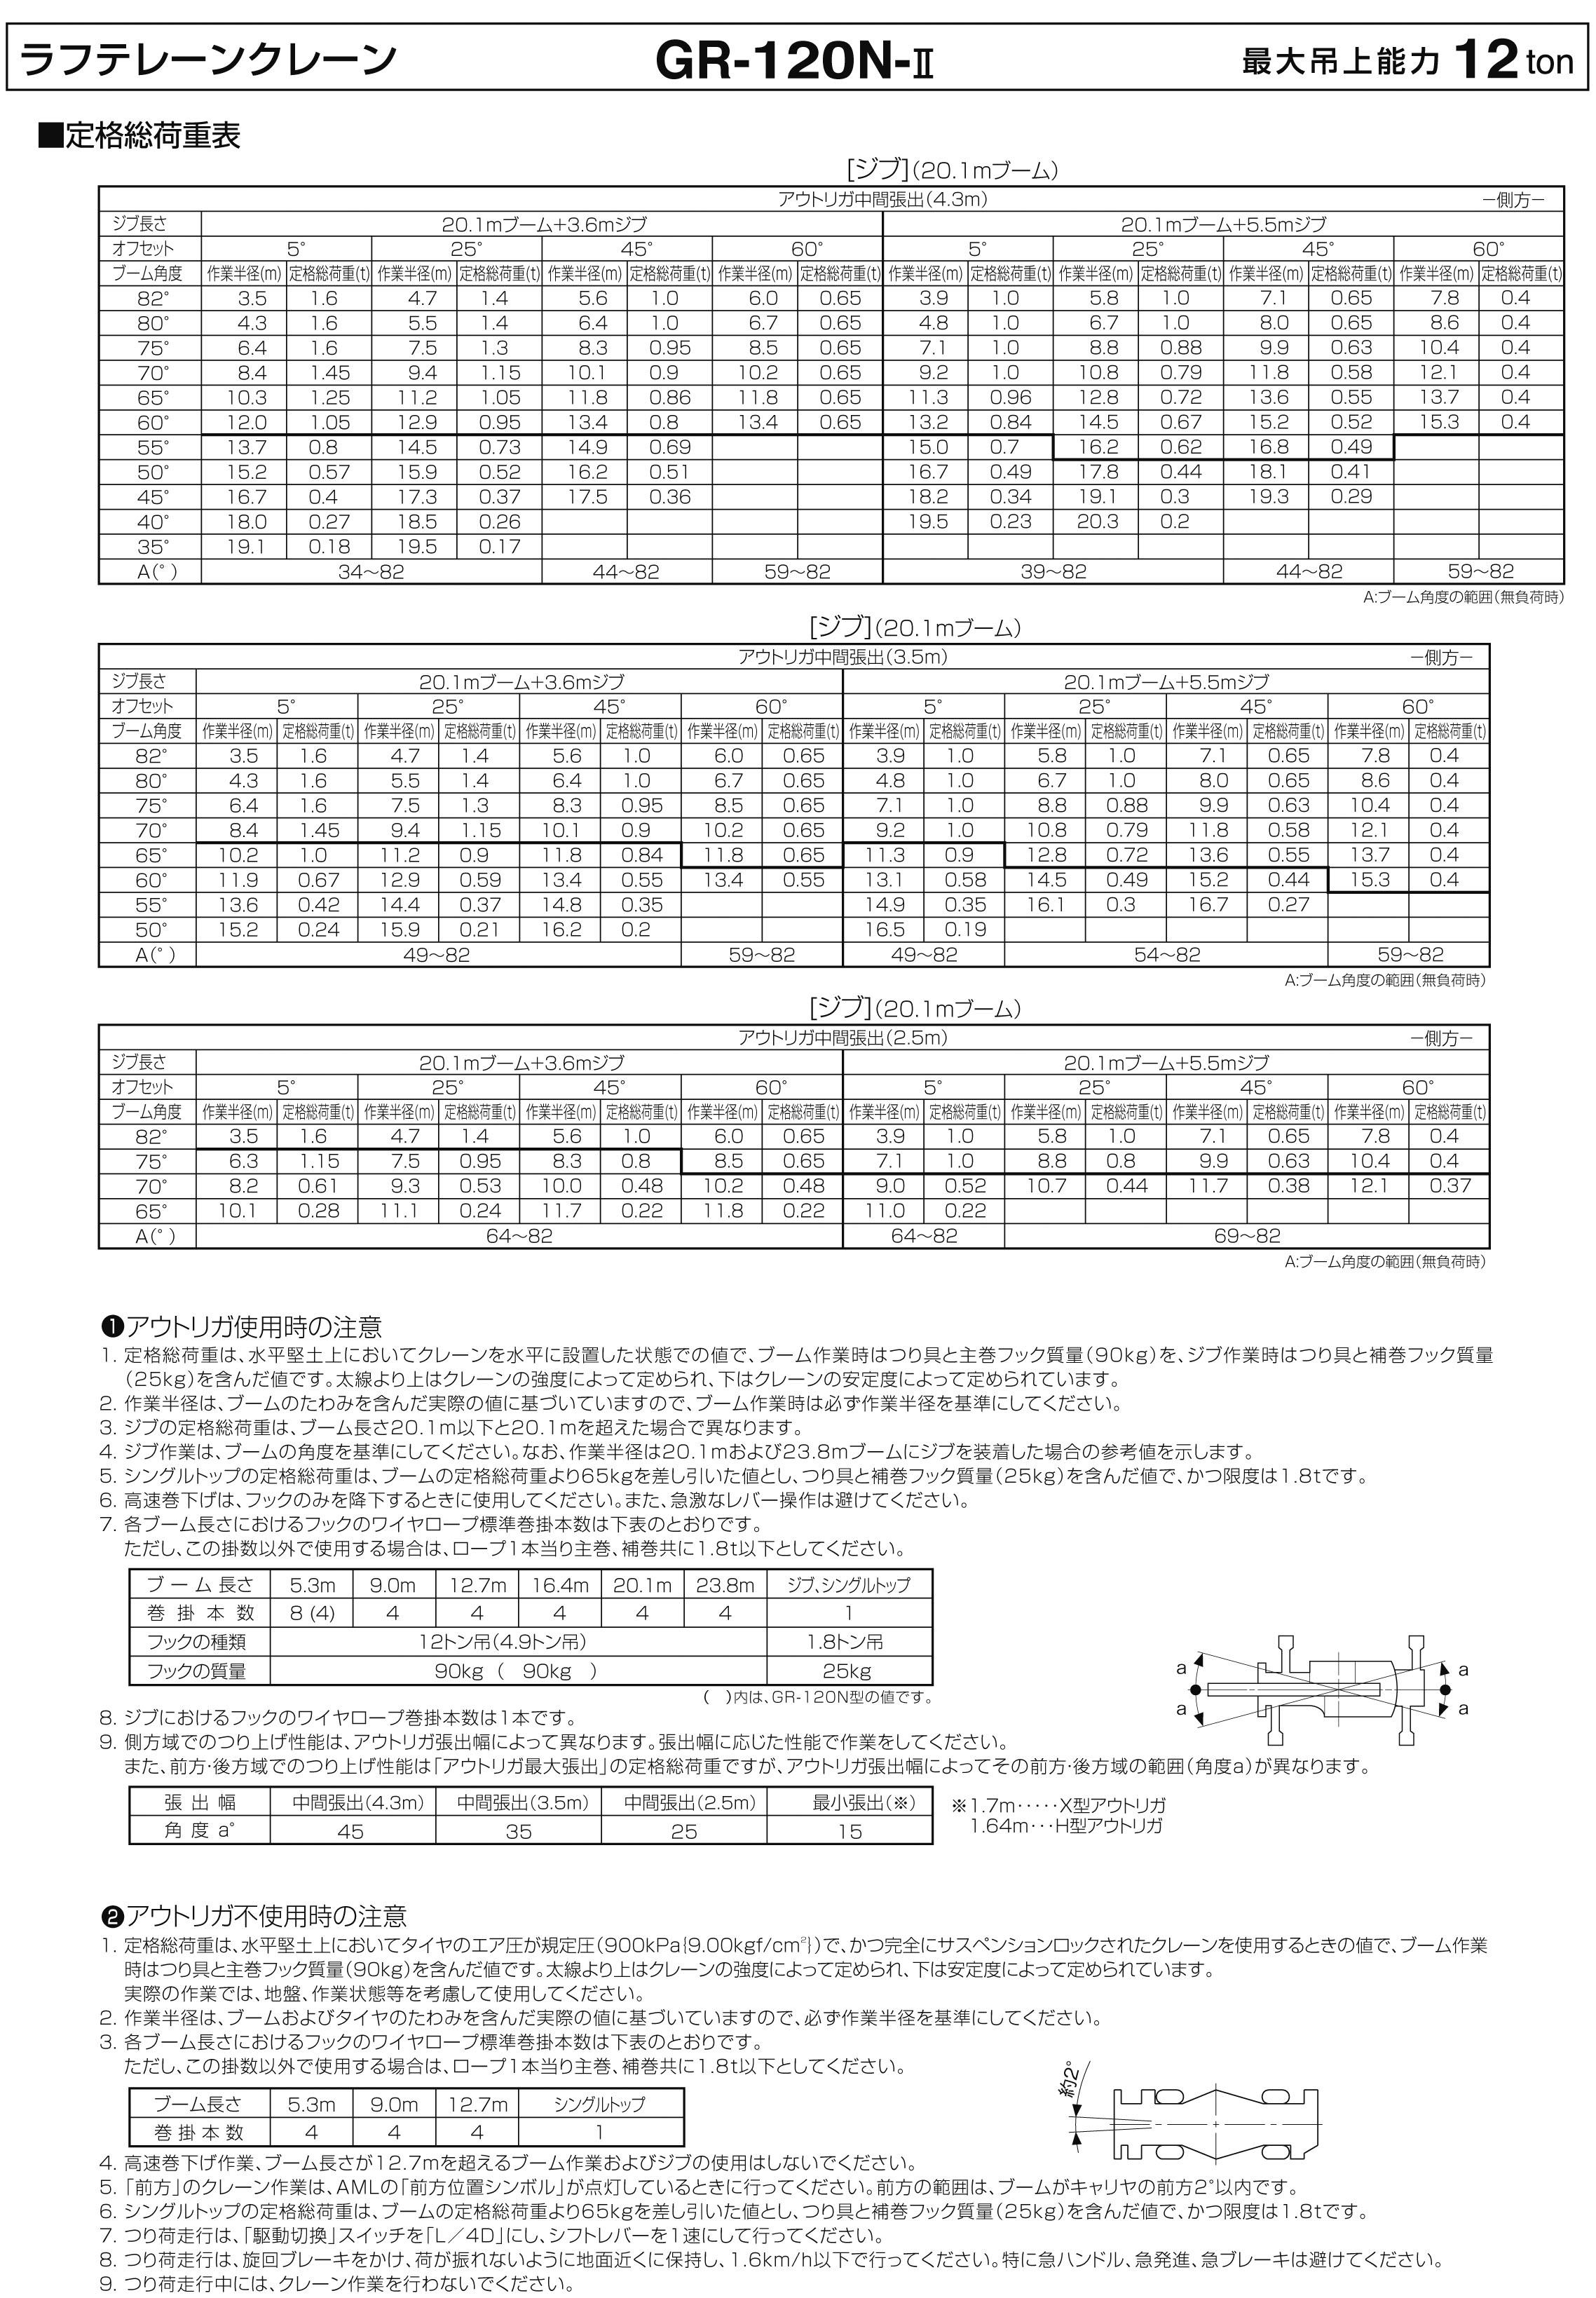 ラフター クレーン 13t 13t ラフター・クレーン|鶴屋株式会社|クレーンレンタル